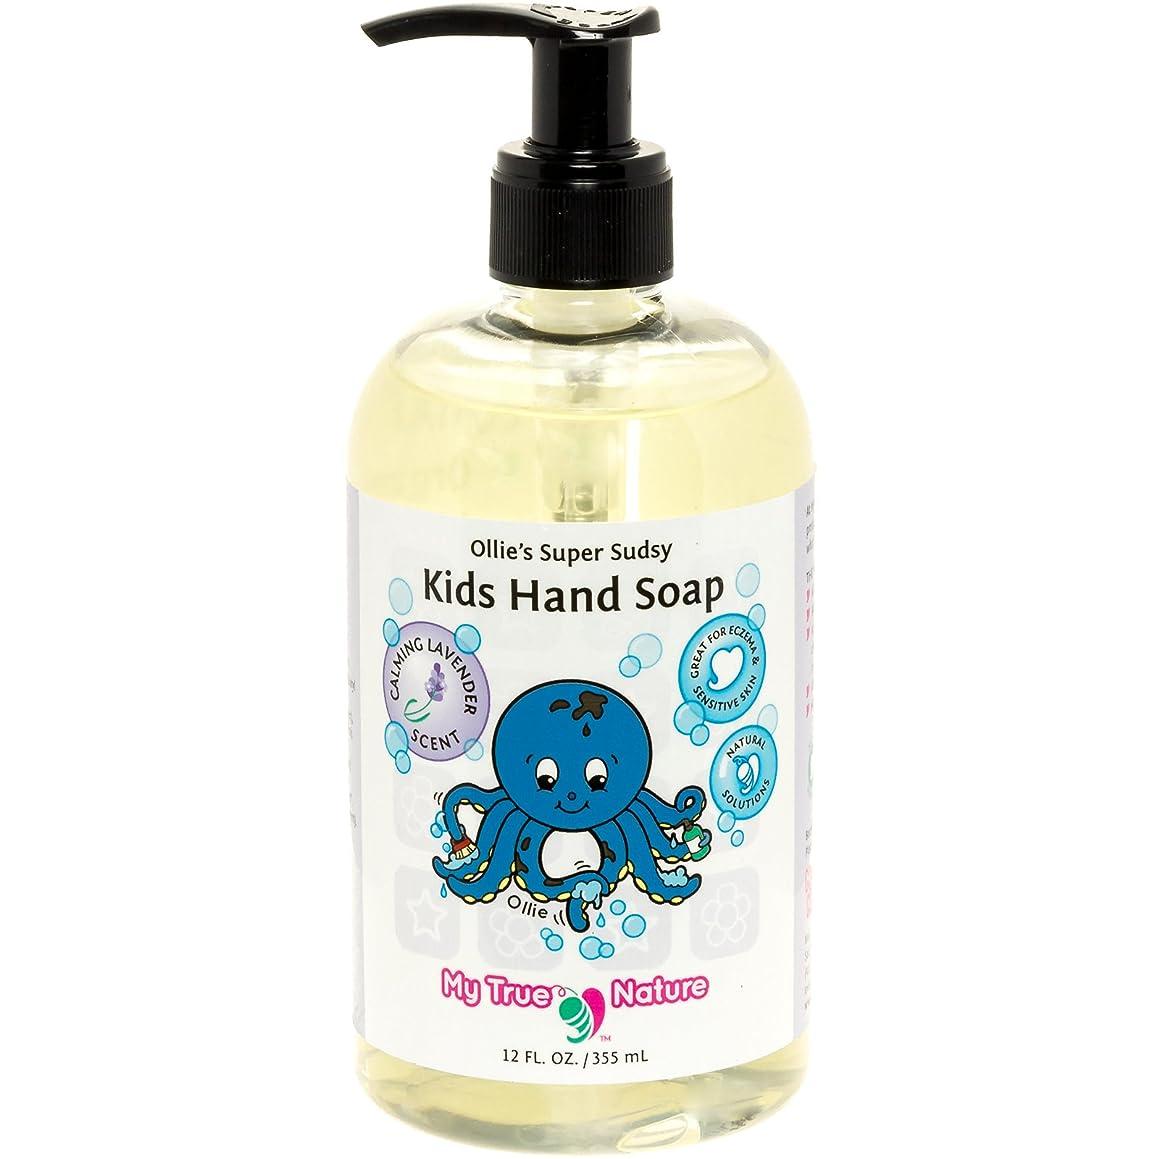 コードレジ領収書All Natural Kids Soap - Ollie's Super Sudsy Liquid Hand Soap - Lavender Scent, 12 oz by My True Nature